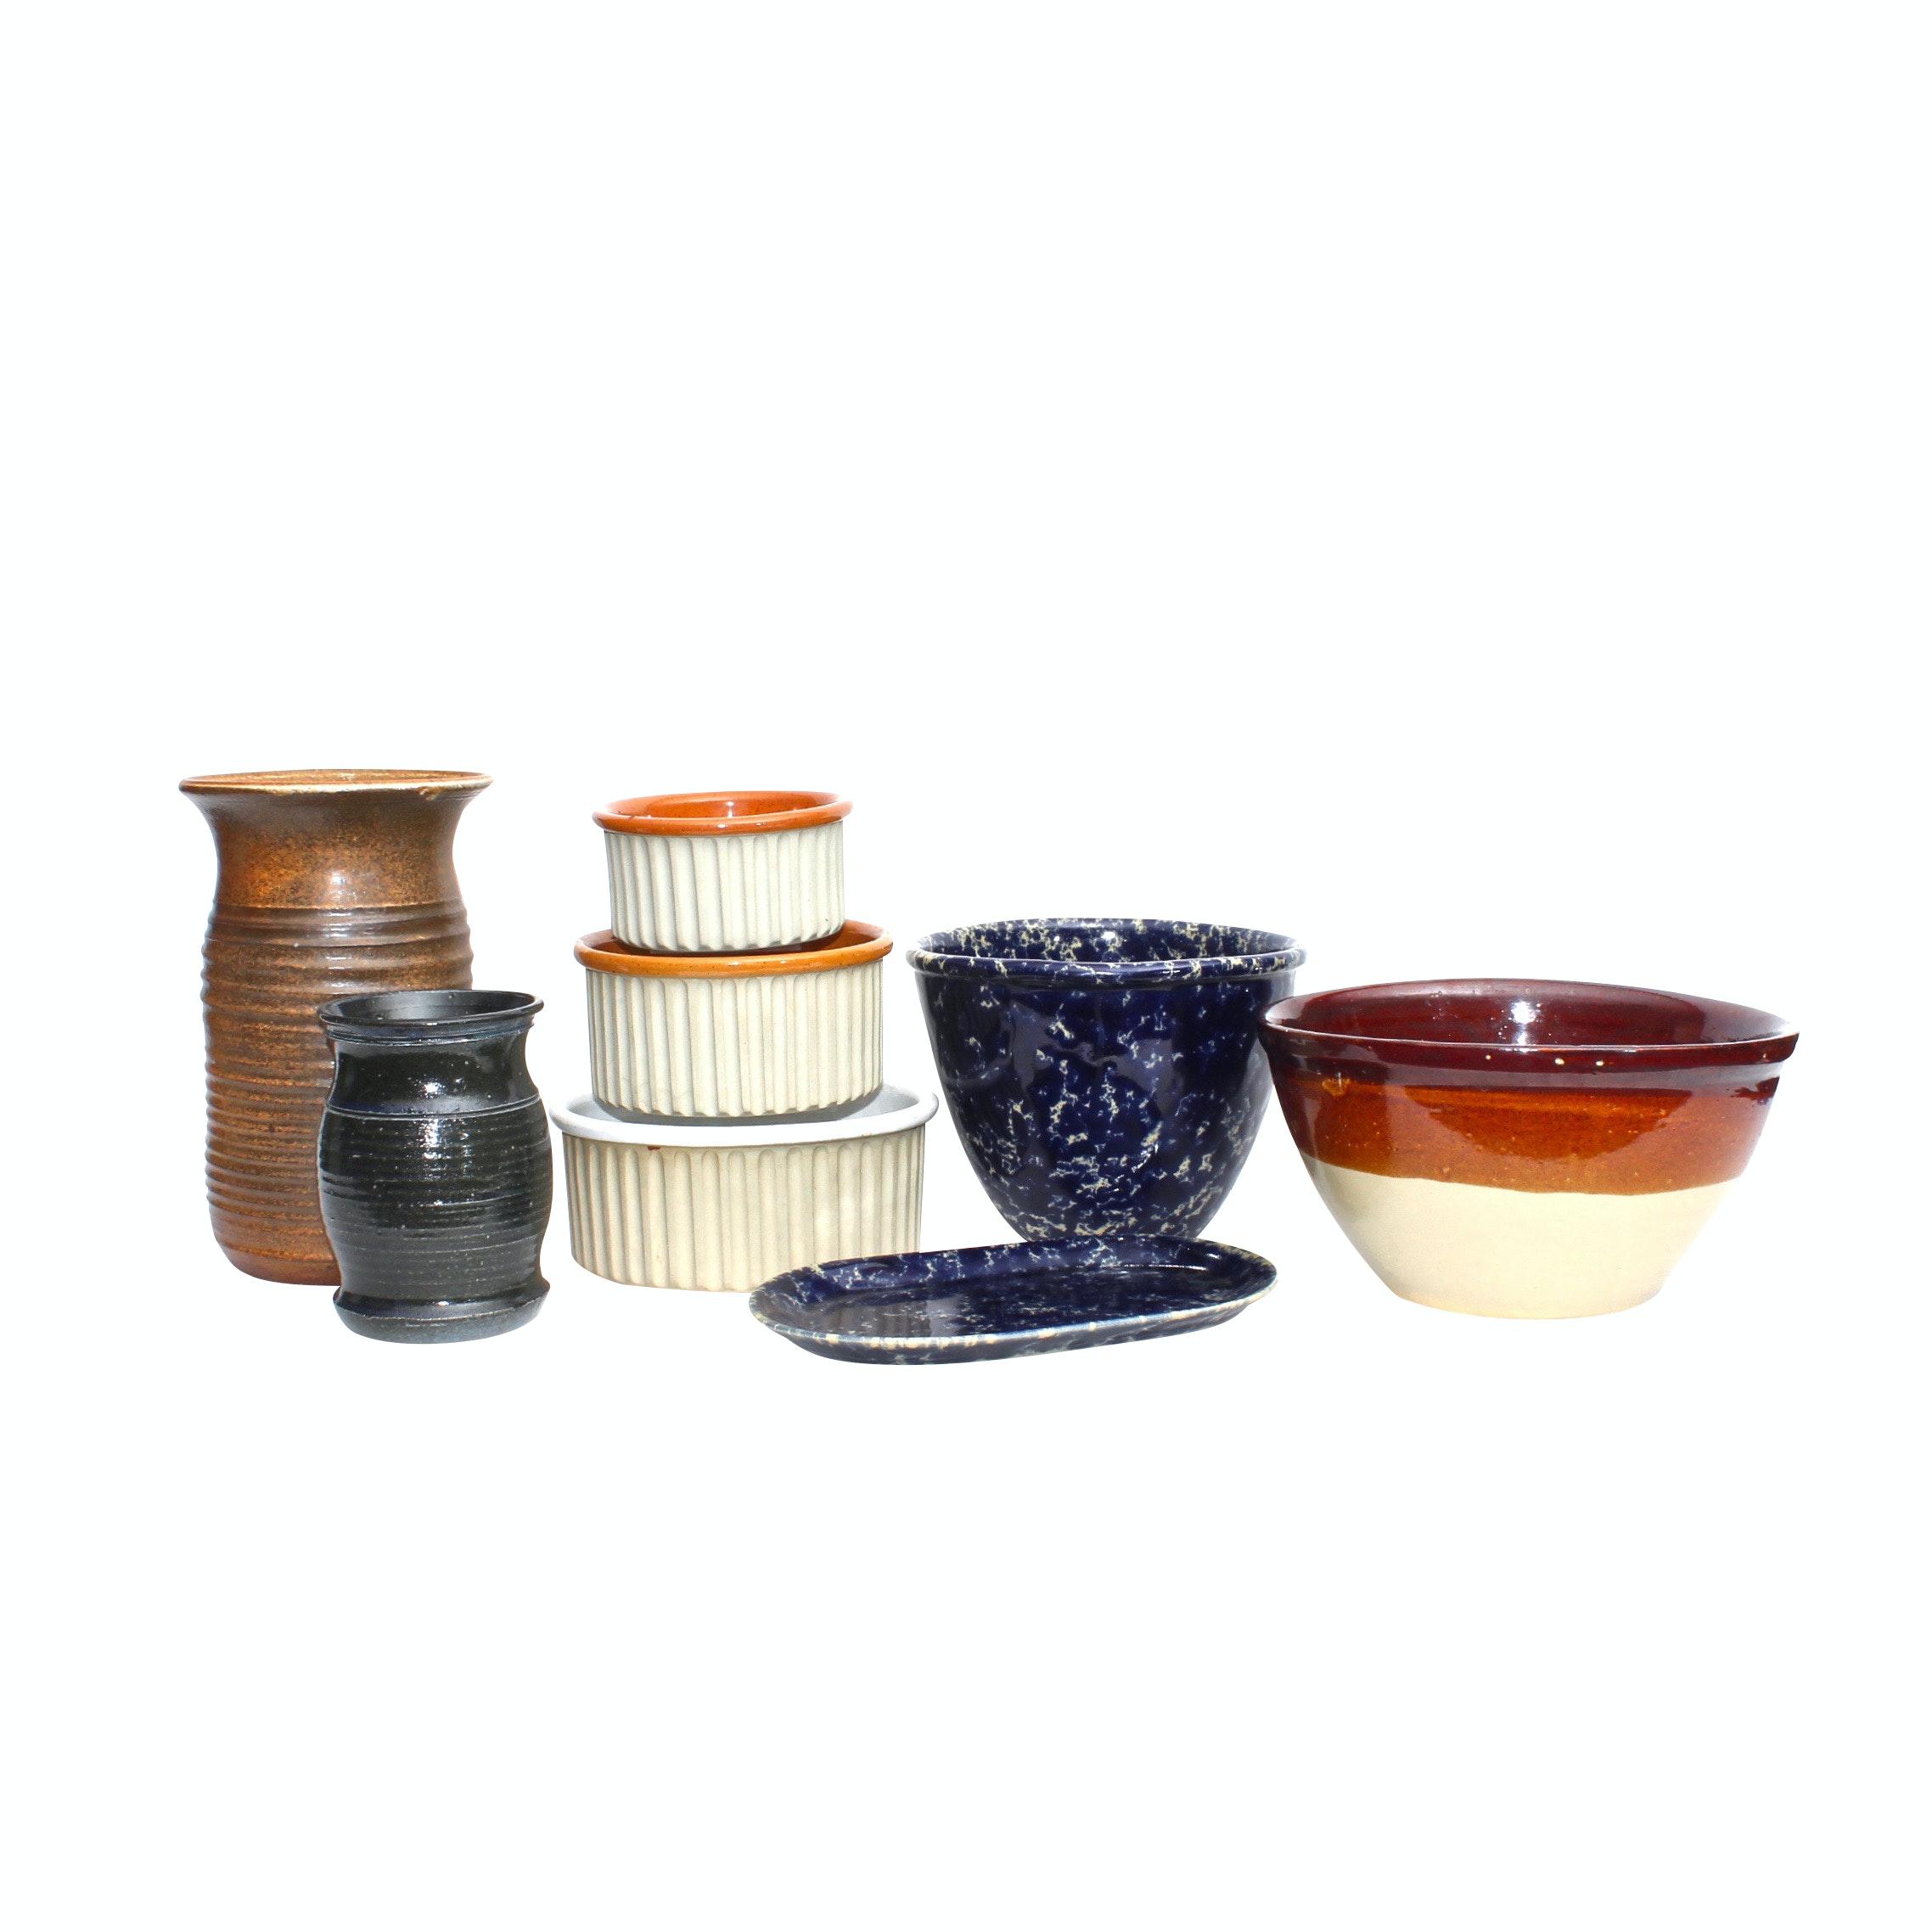 Bennington Pottery Serveware with Thrown Stoneware Vases